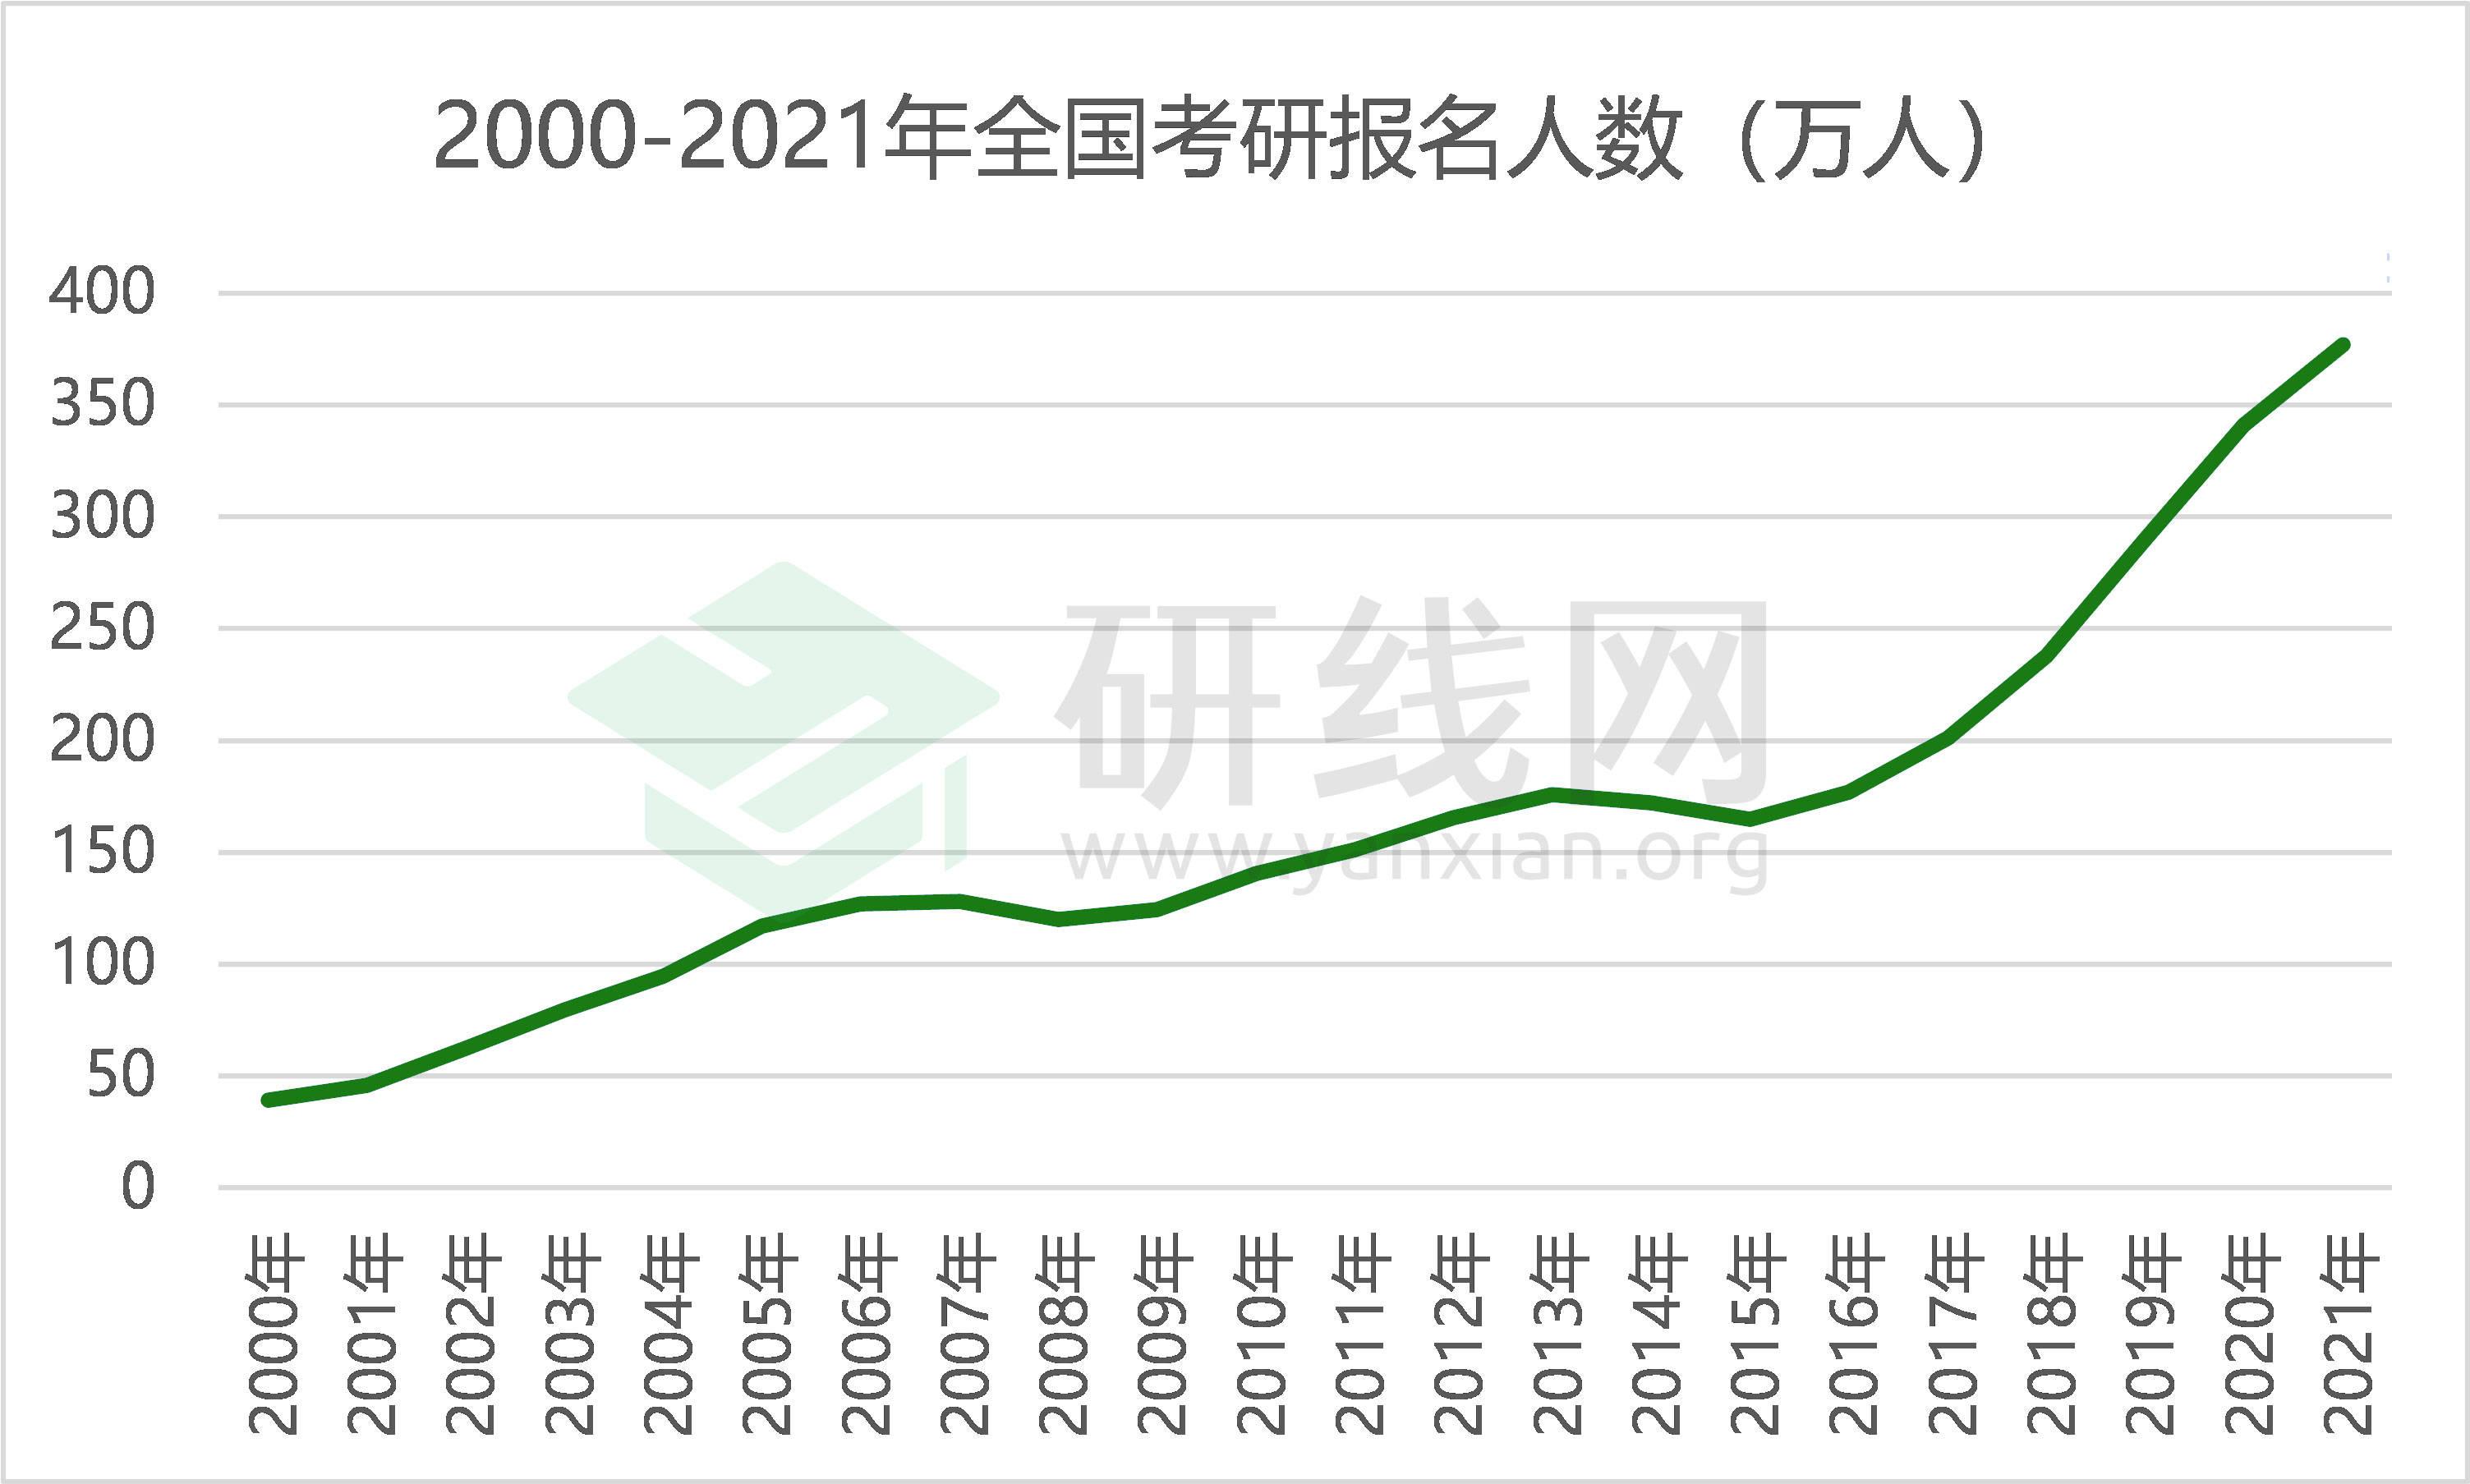 2021研究生招生调查报告:考研报